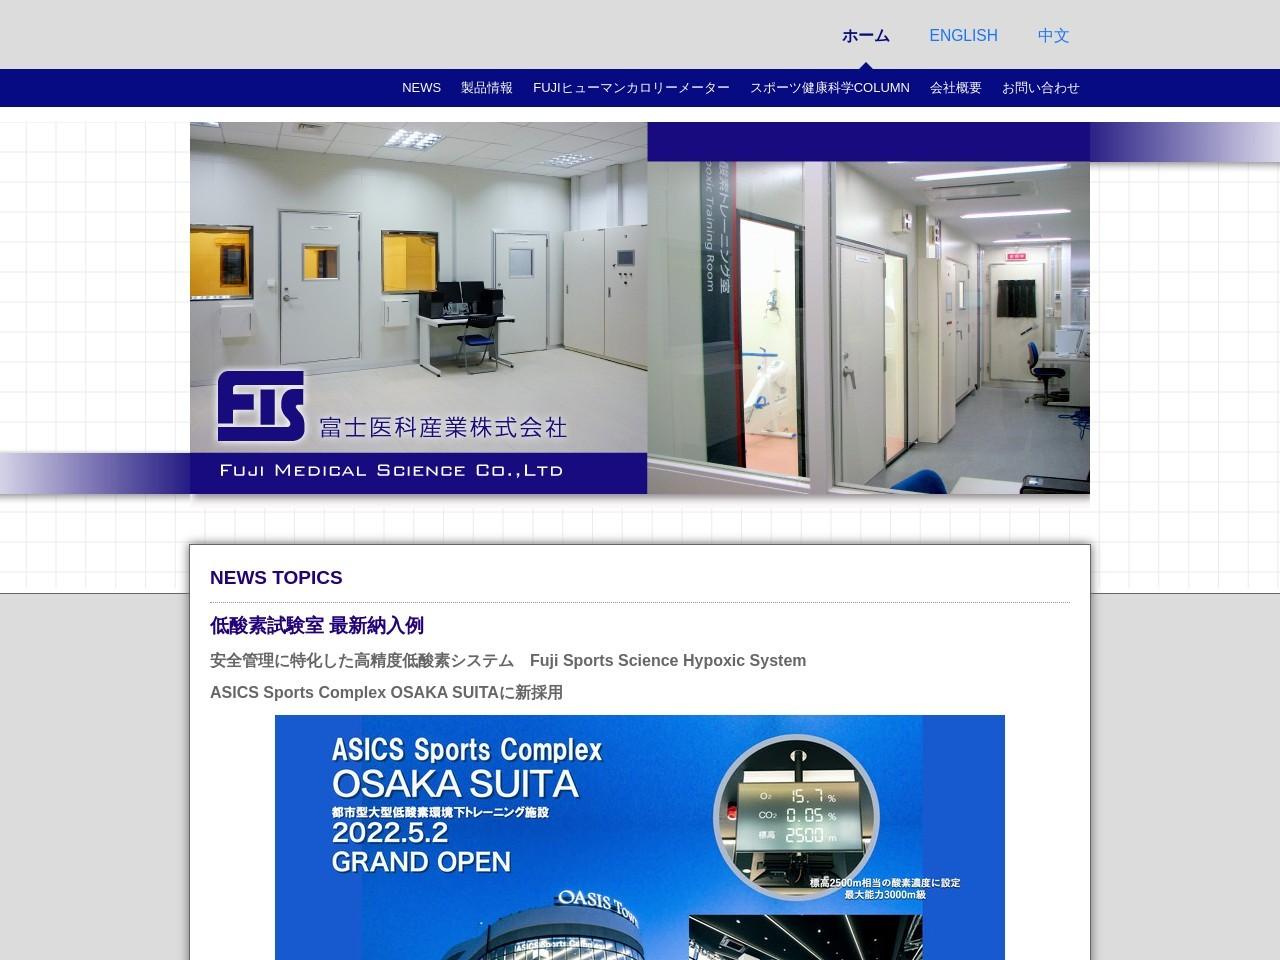 富士医科産業株式会社松戸研究センター